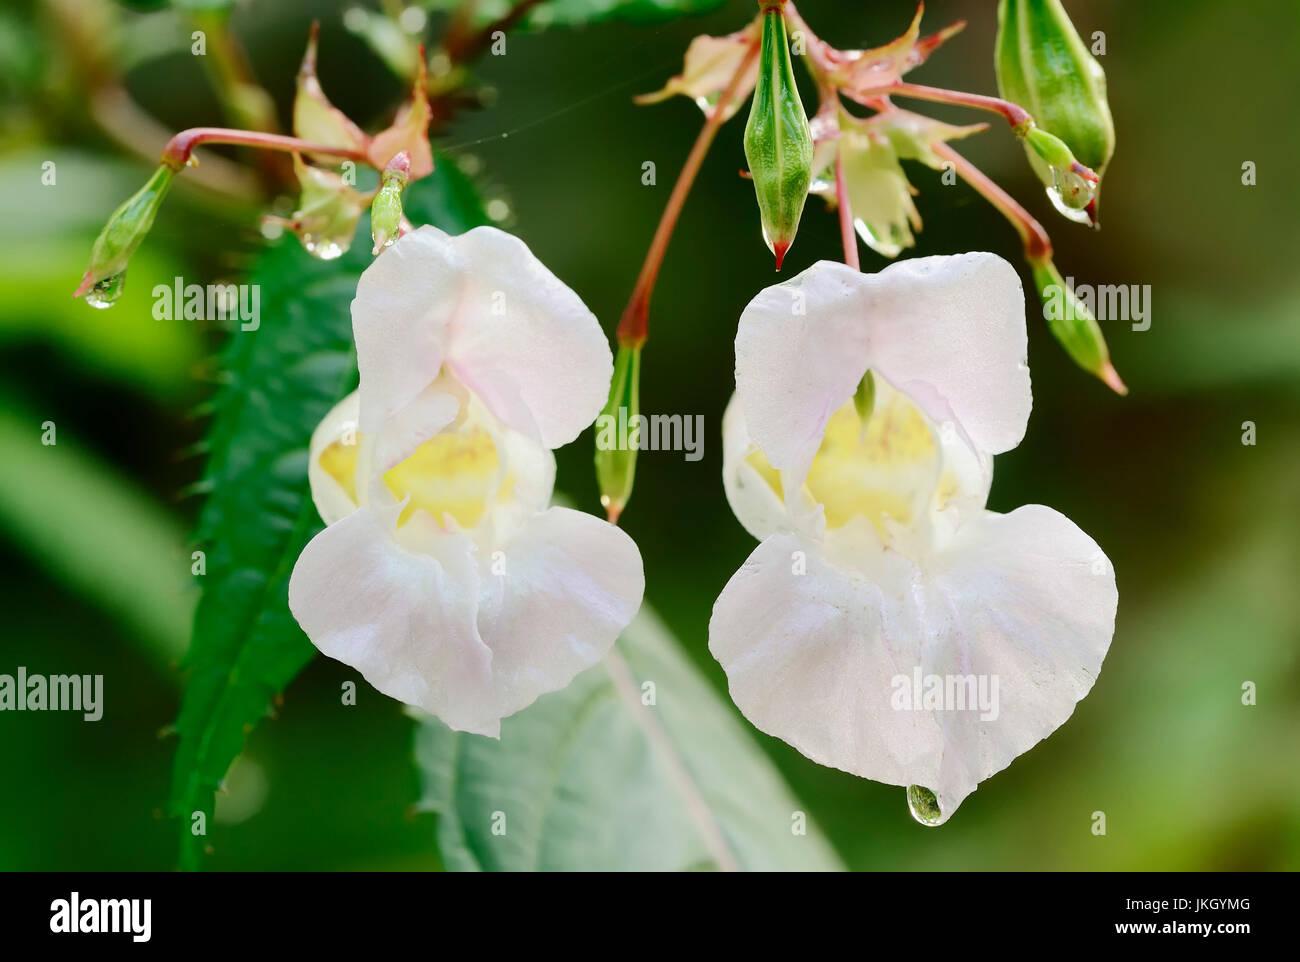 Himalayan Balsam, North Rhine-Westphalia, Germany / (Impatiens glandulifera) / Indian Balsam | Indisches Springkraut, Nordrhein-Westfalen Stock Photo